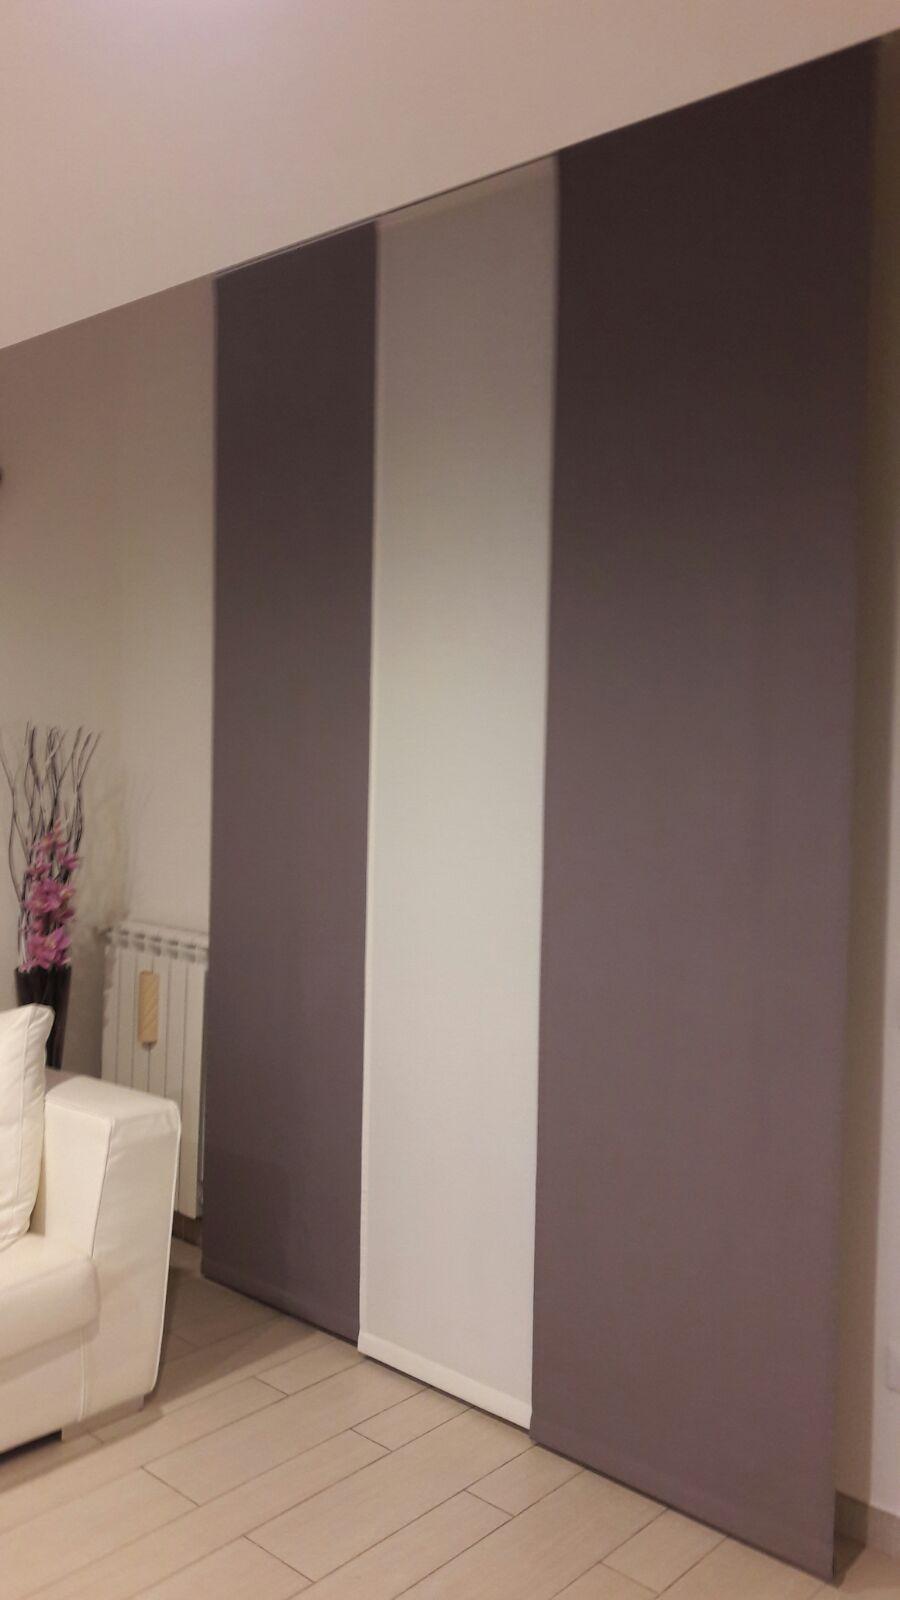 tende a pannello per sala in tessuto coprente con colori a contrasto  Tende da interni